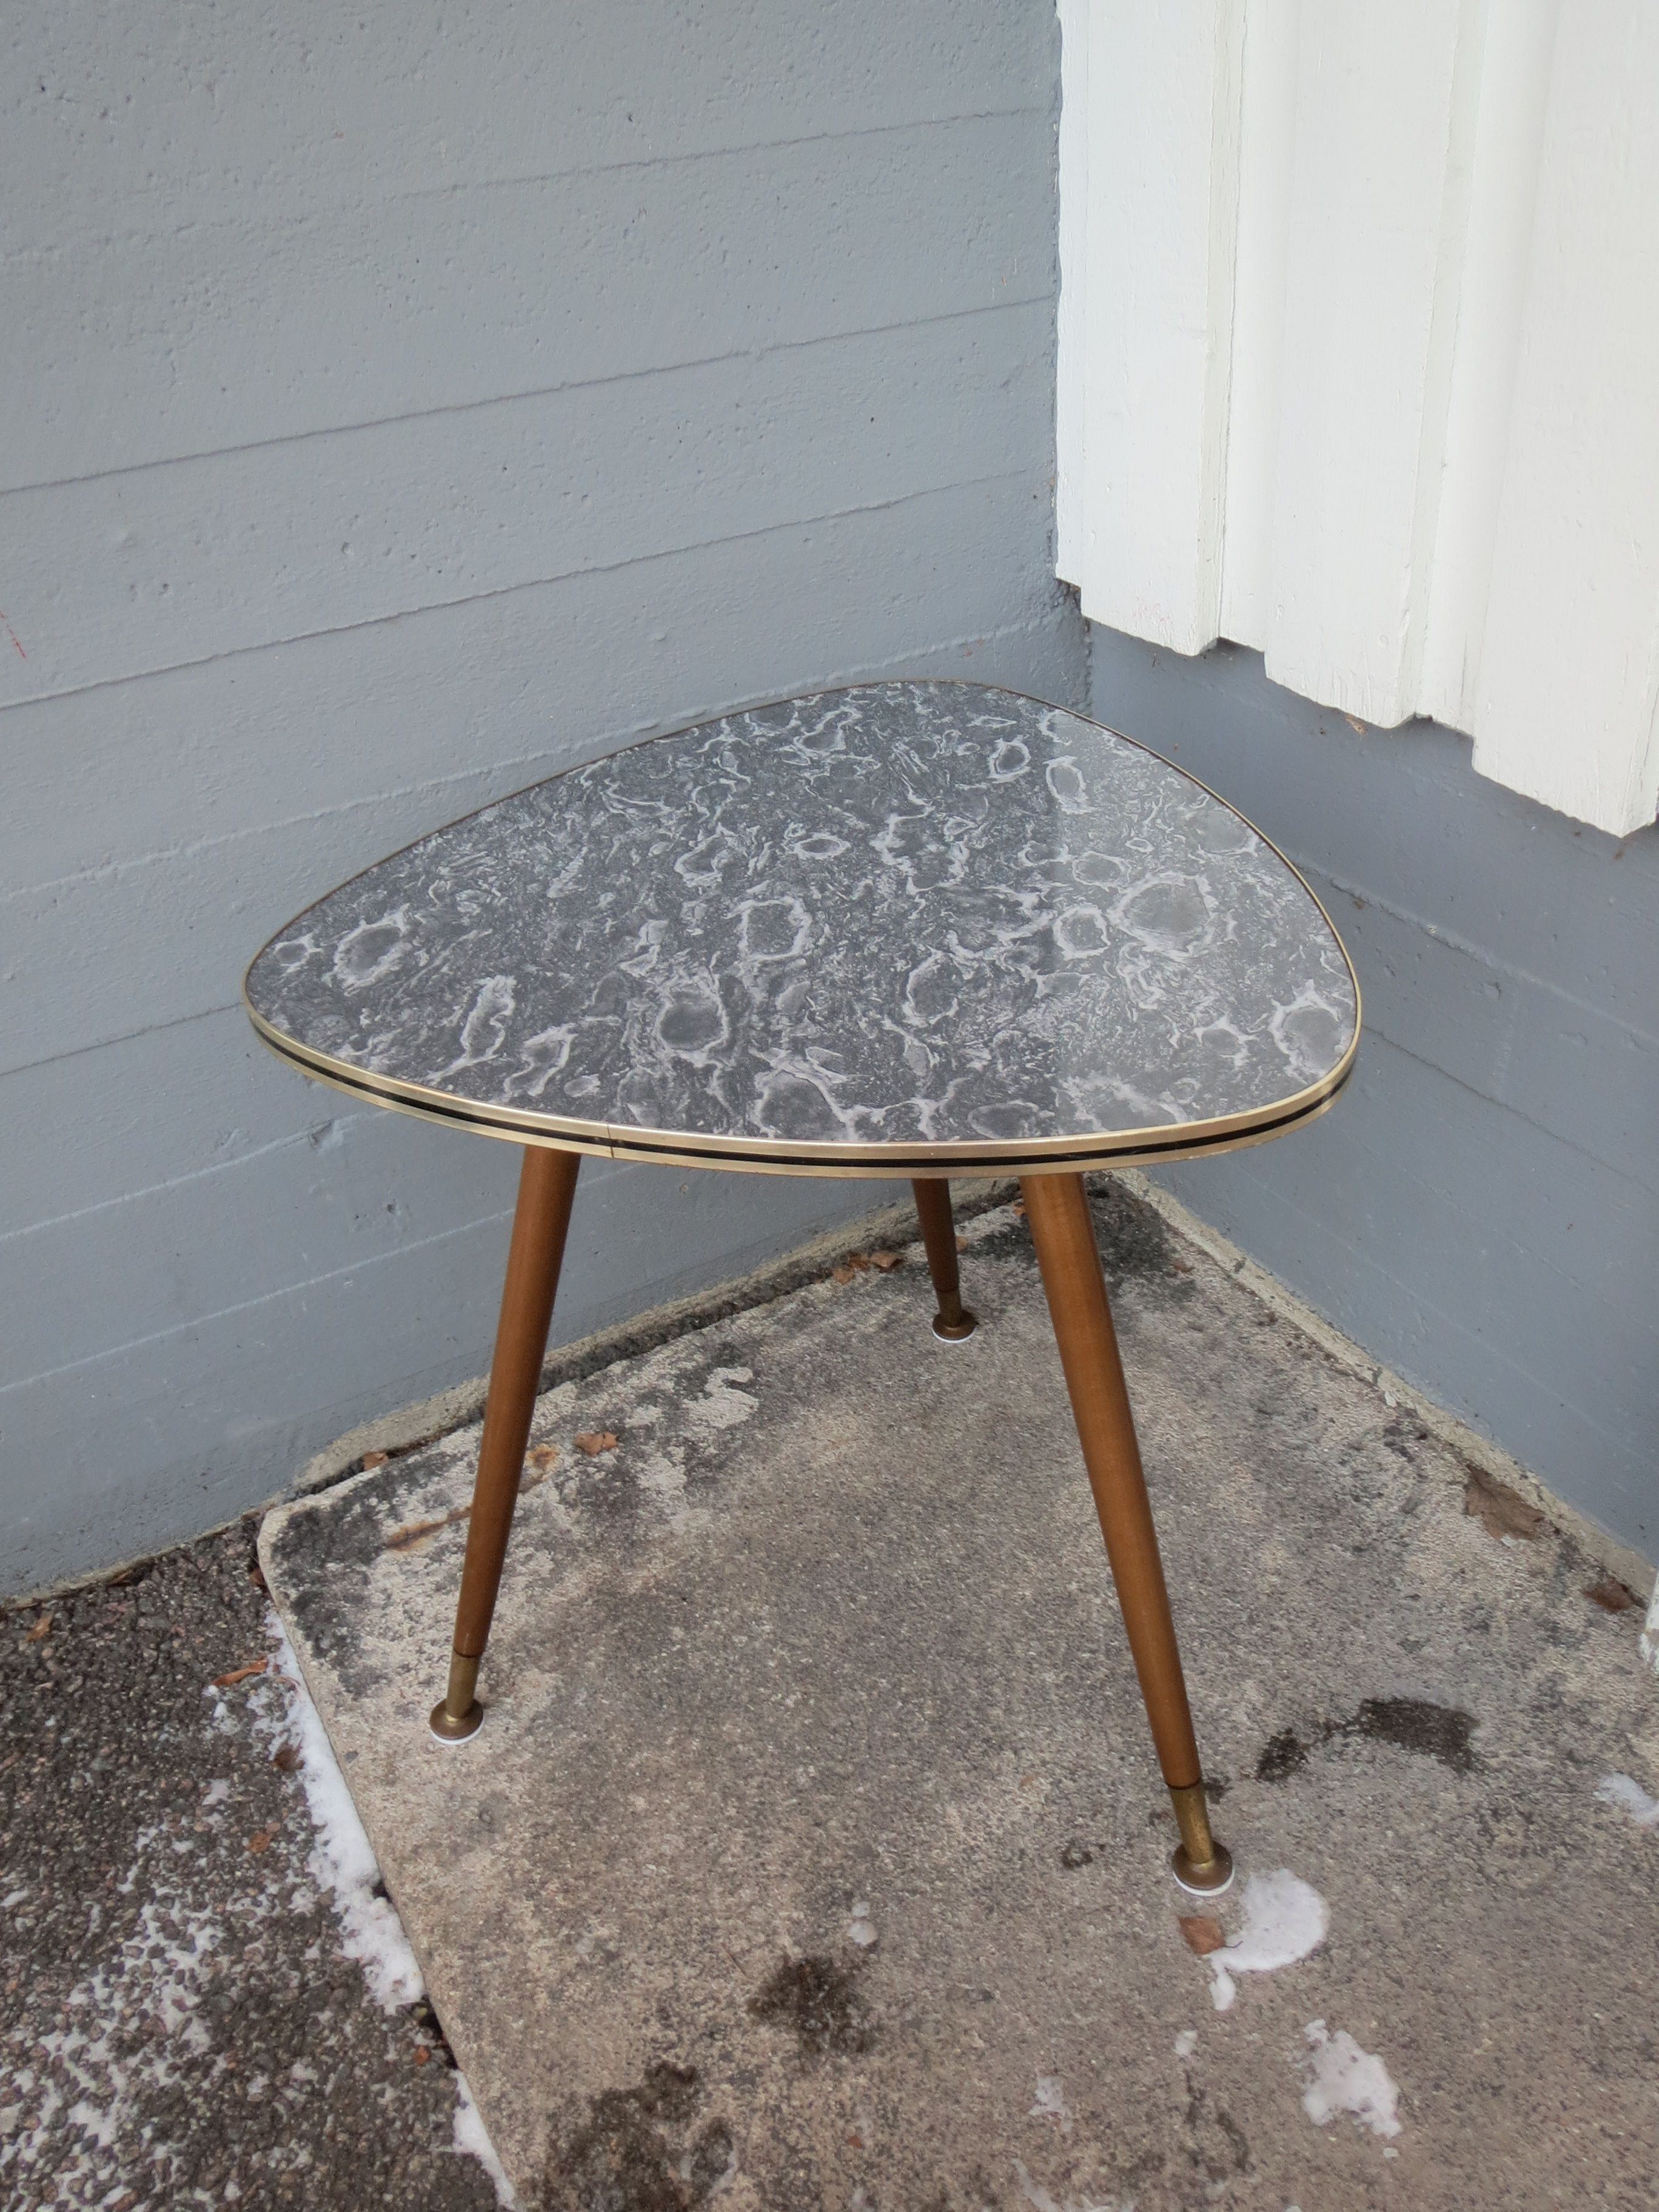 Upea 50 luvun pieni pöytä, sohvapöydäksi tai sivupöydäksi Erittäin siistikun